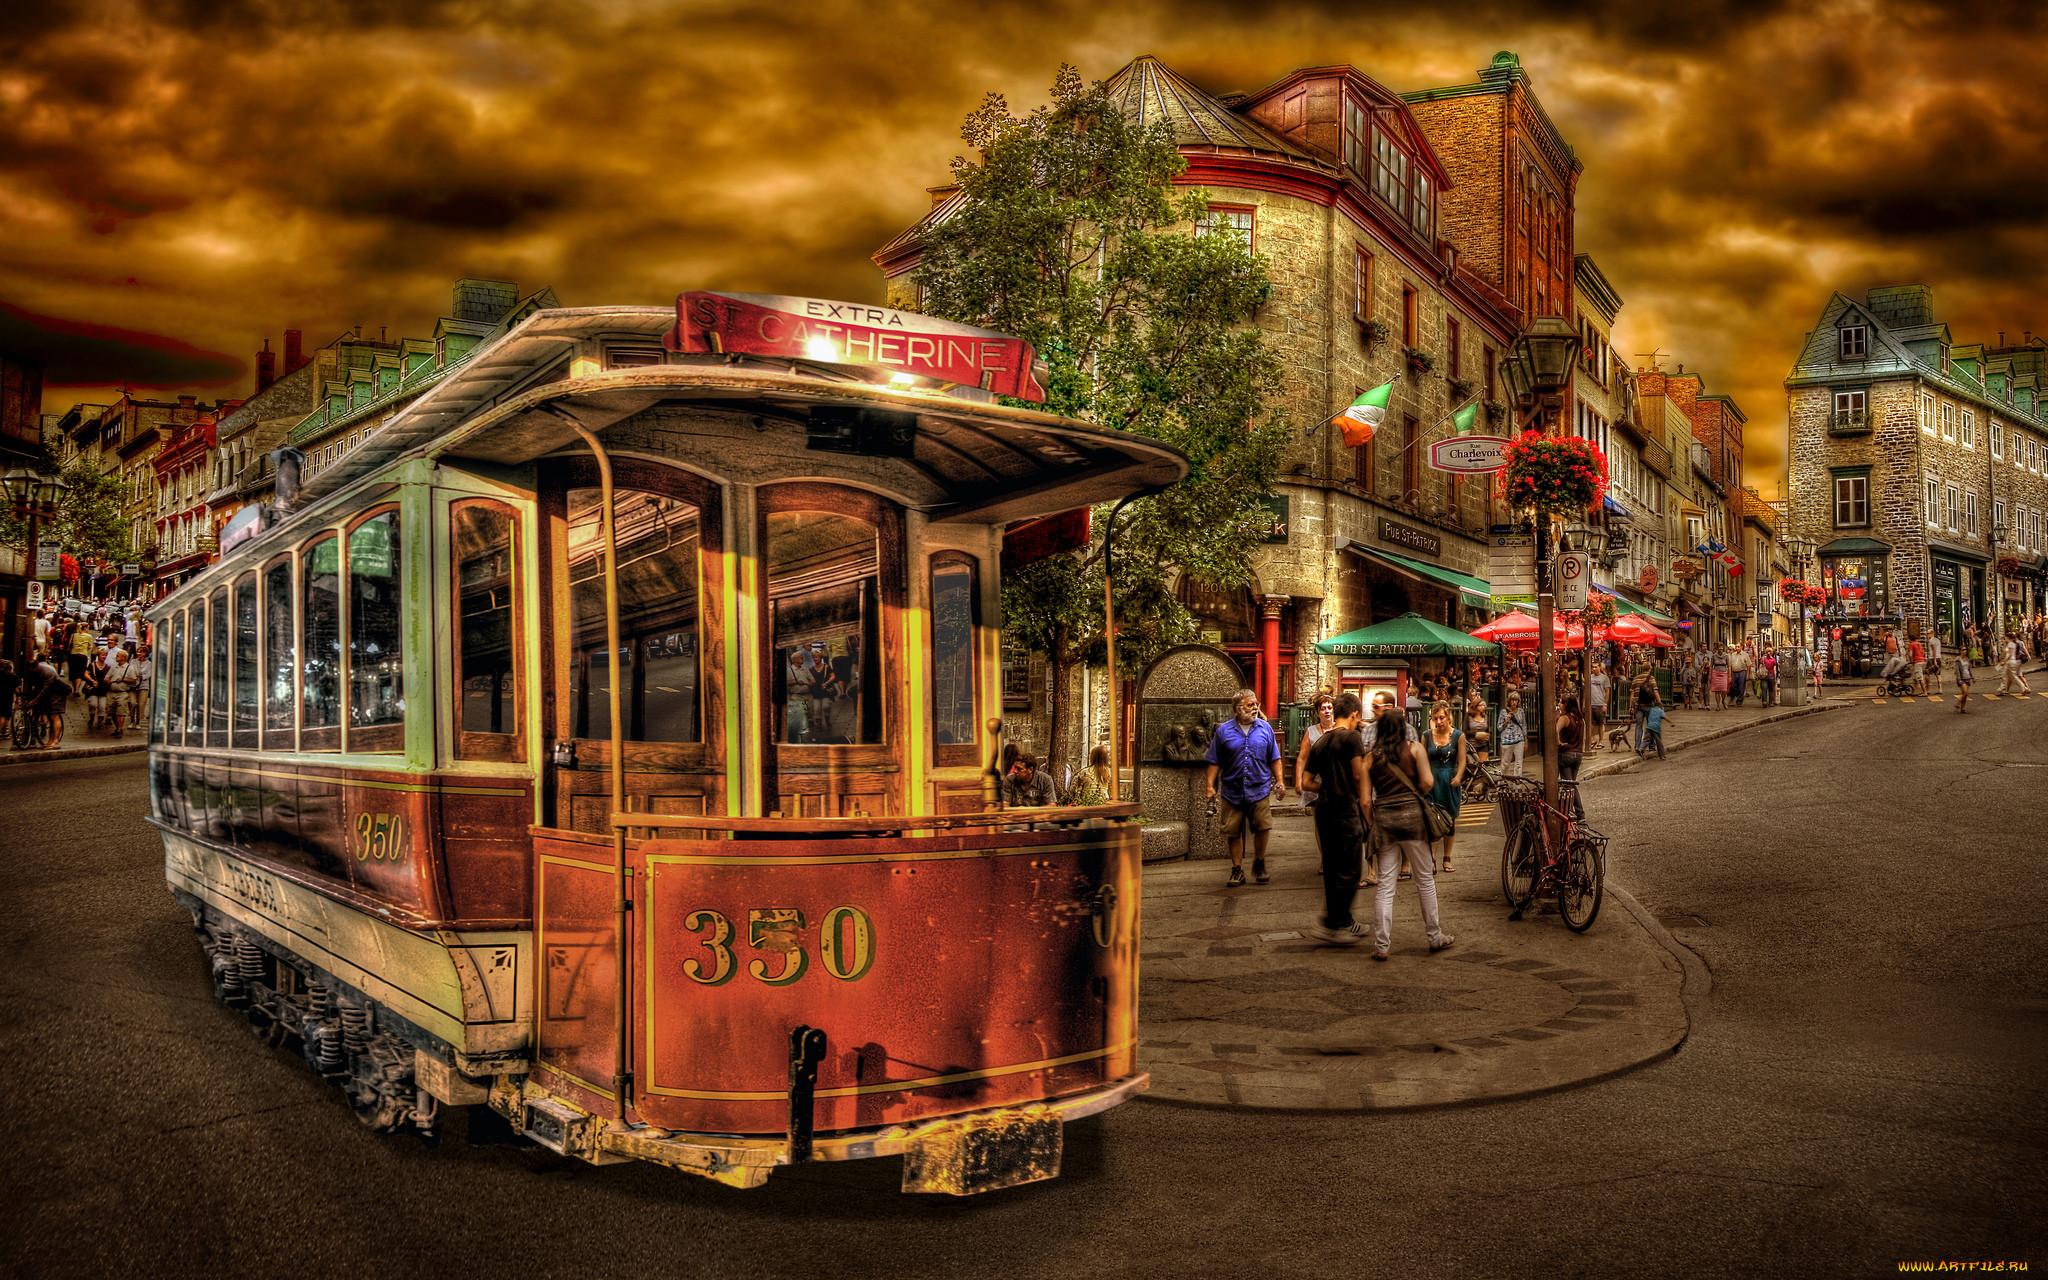 Скачать Обои Трамвай На Телефон